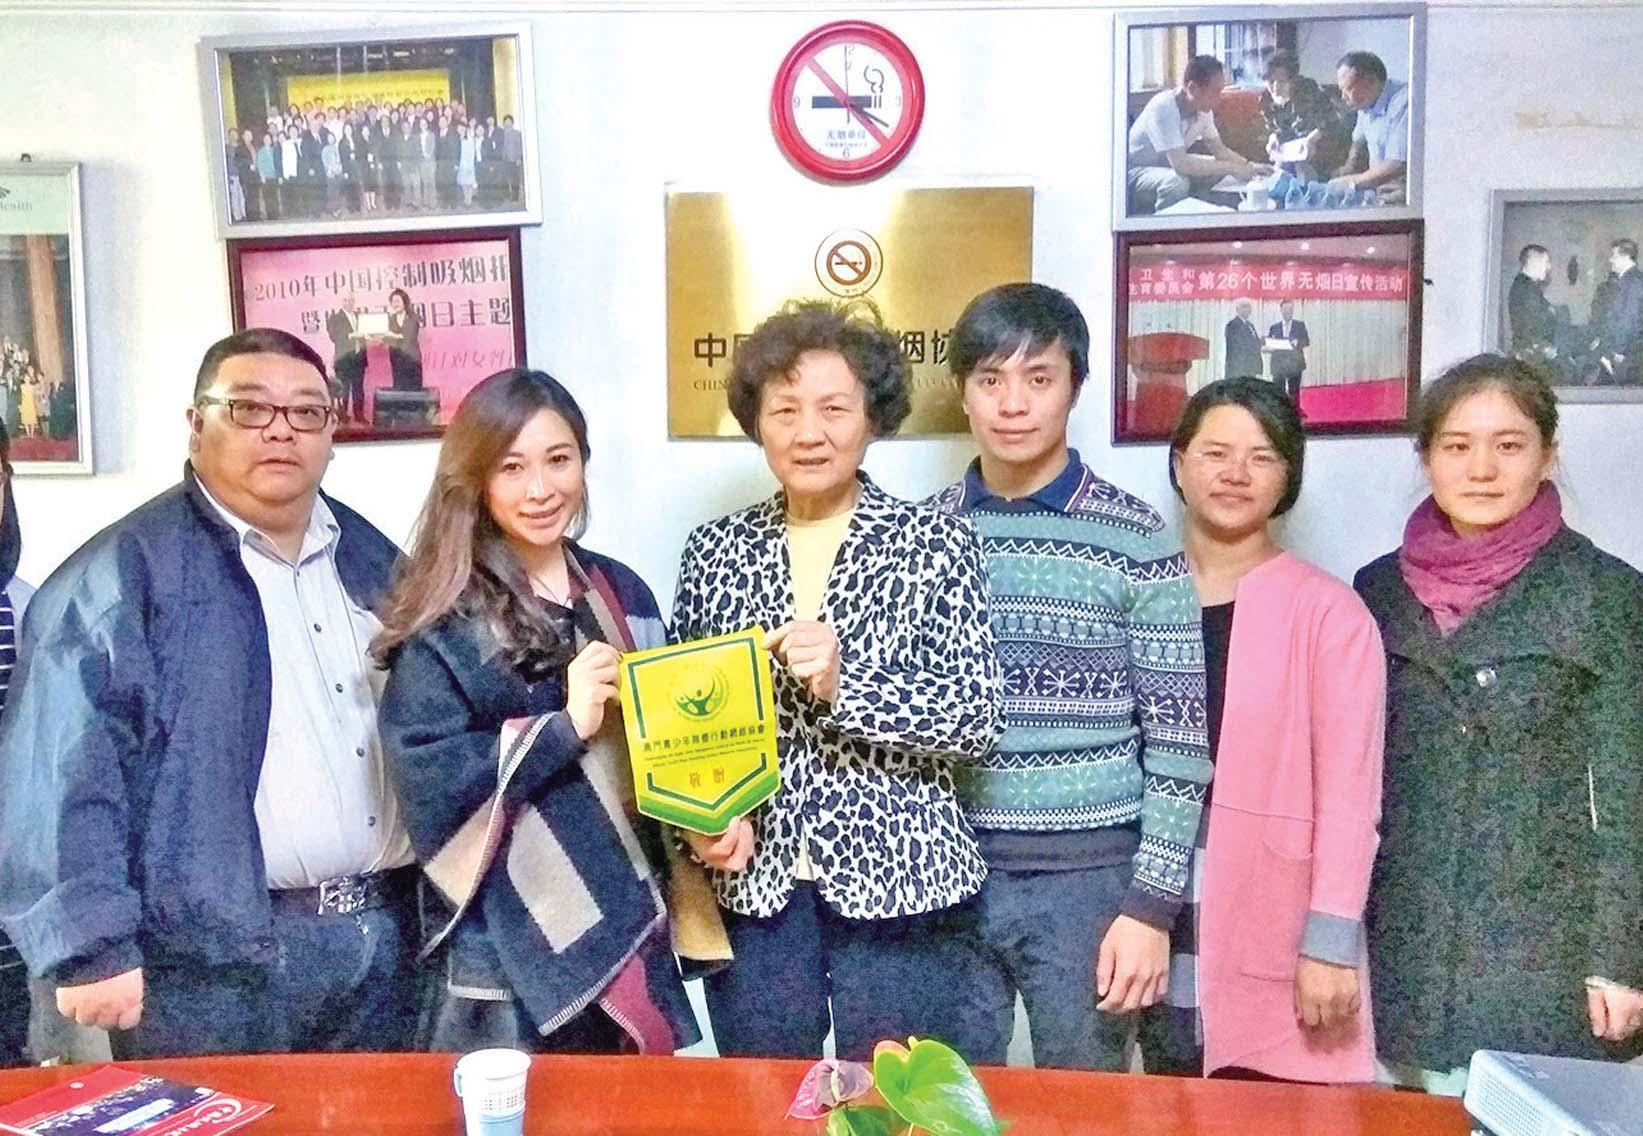 澳兩控煙團體訪京交流控煙